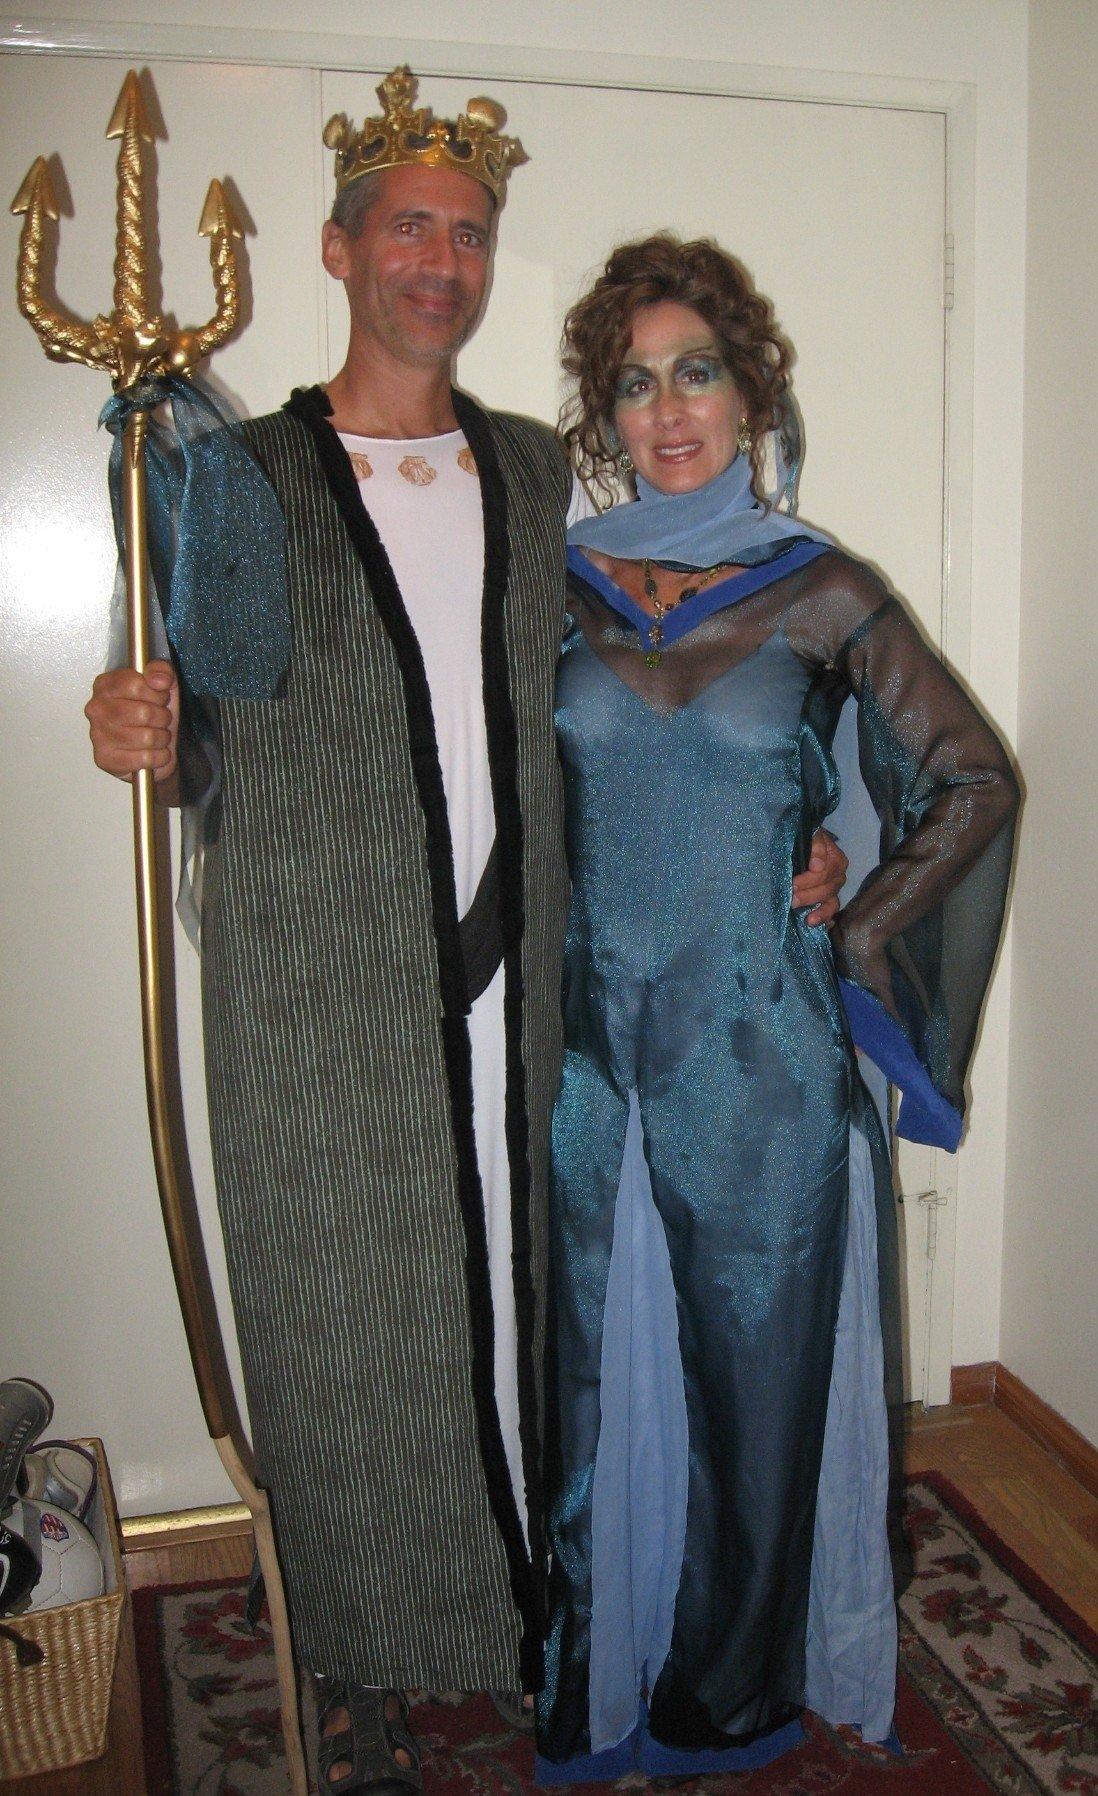 10 Gorgeous Couples Halloween Costumes Ideas Unique unique costumes 2020